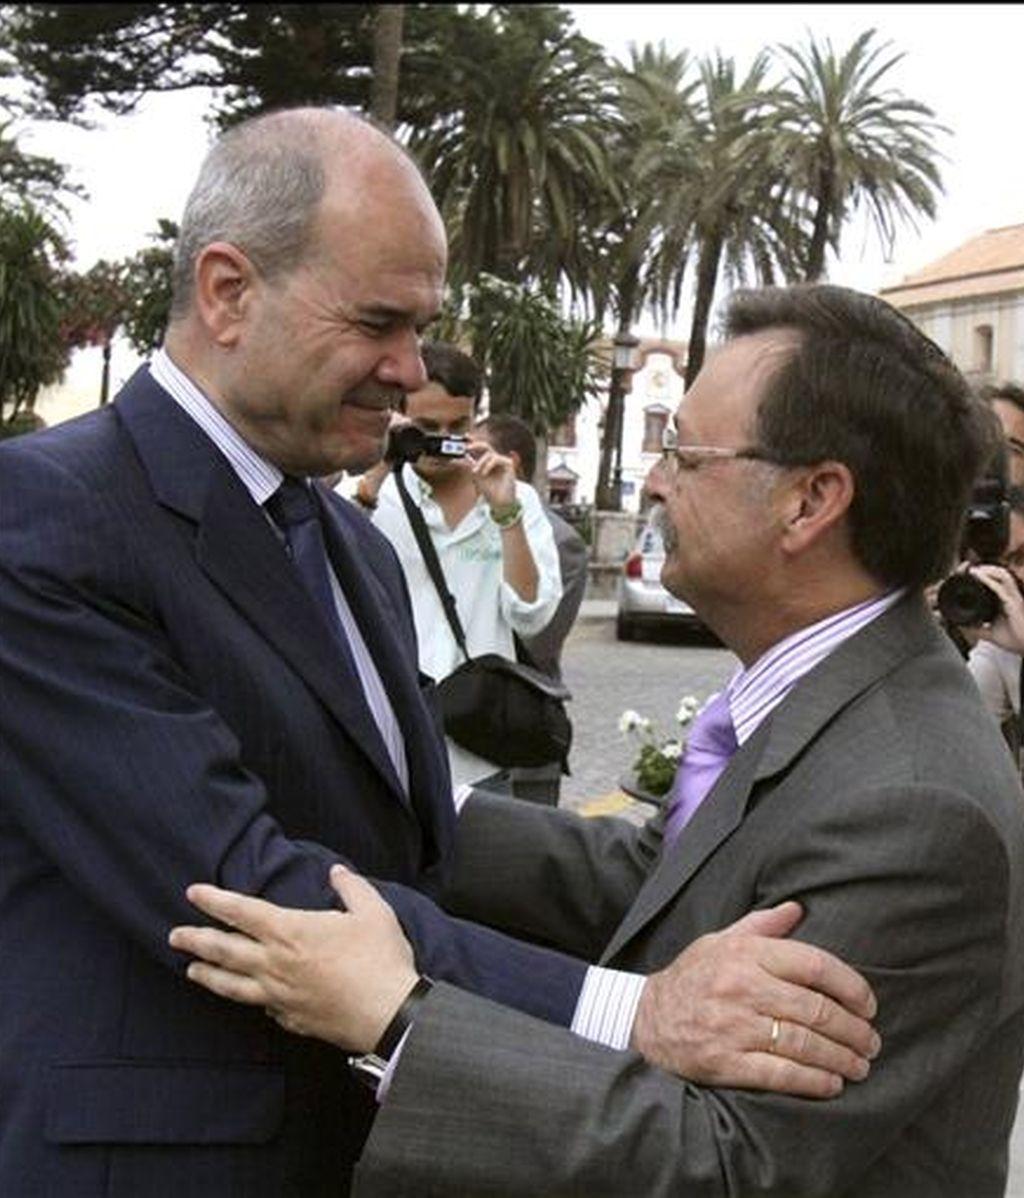 El presidente de la Ciudad Autónoma de Ceuta, Juan Jesús Vivas (d), saluda al ministro de Política Territorial y vicepresidente tercero del Gobierno, Manuel Chaves, durante la reunión que han mantenido hoy. EFE